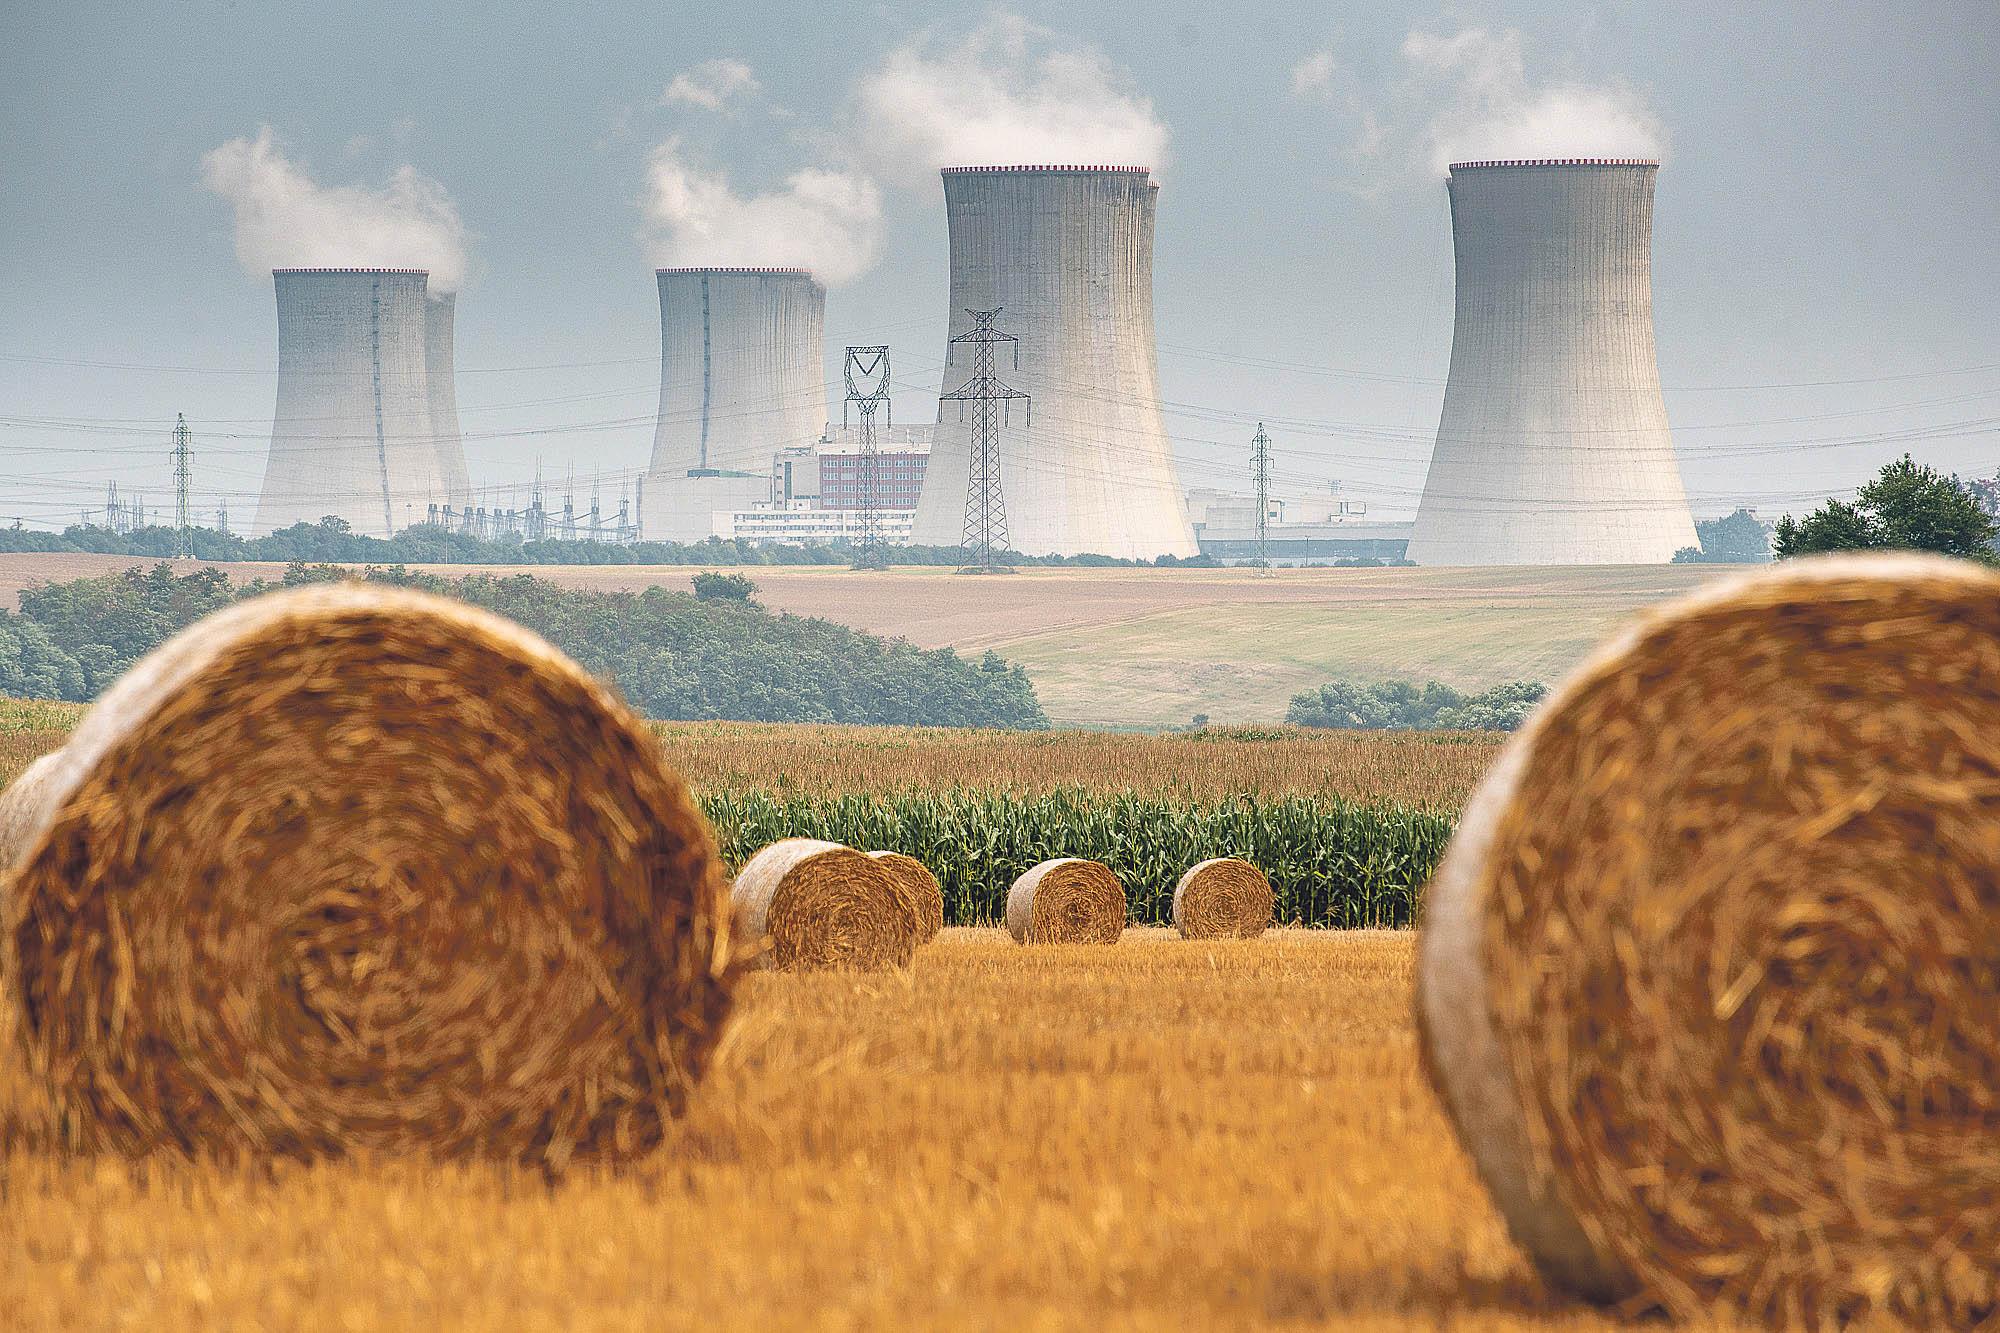 Jen nezodpovědná vláda by založila naši energetiku na plynu, který by k nám proudil z politicky nespolehlivých zemí.